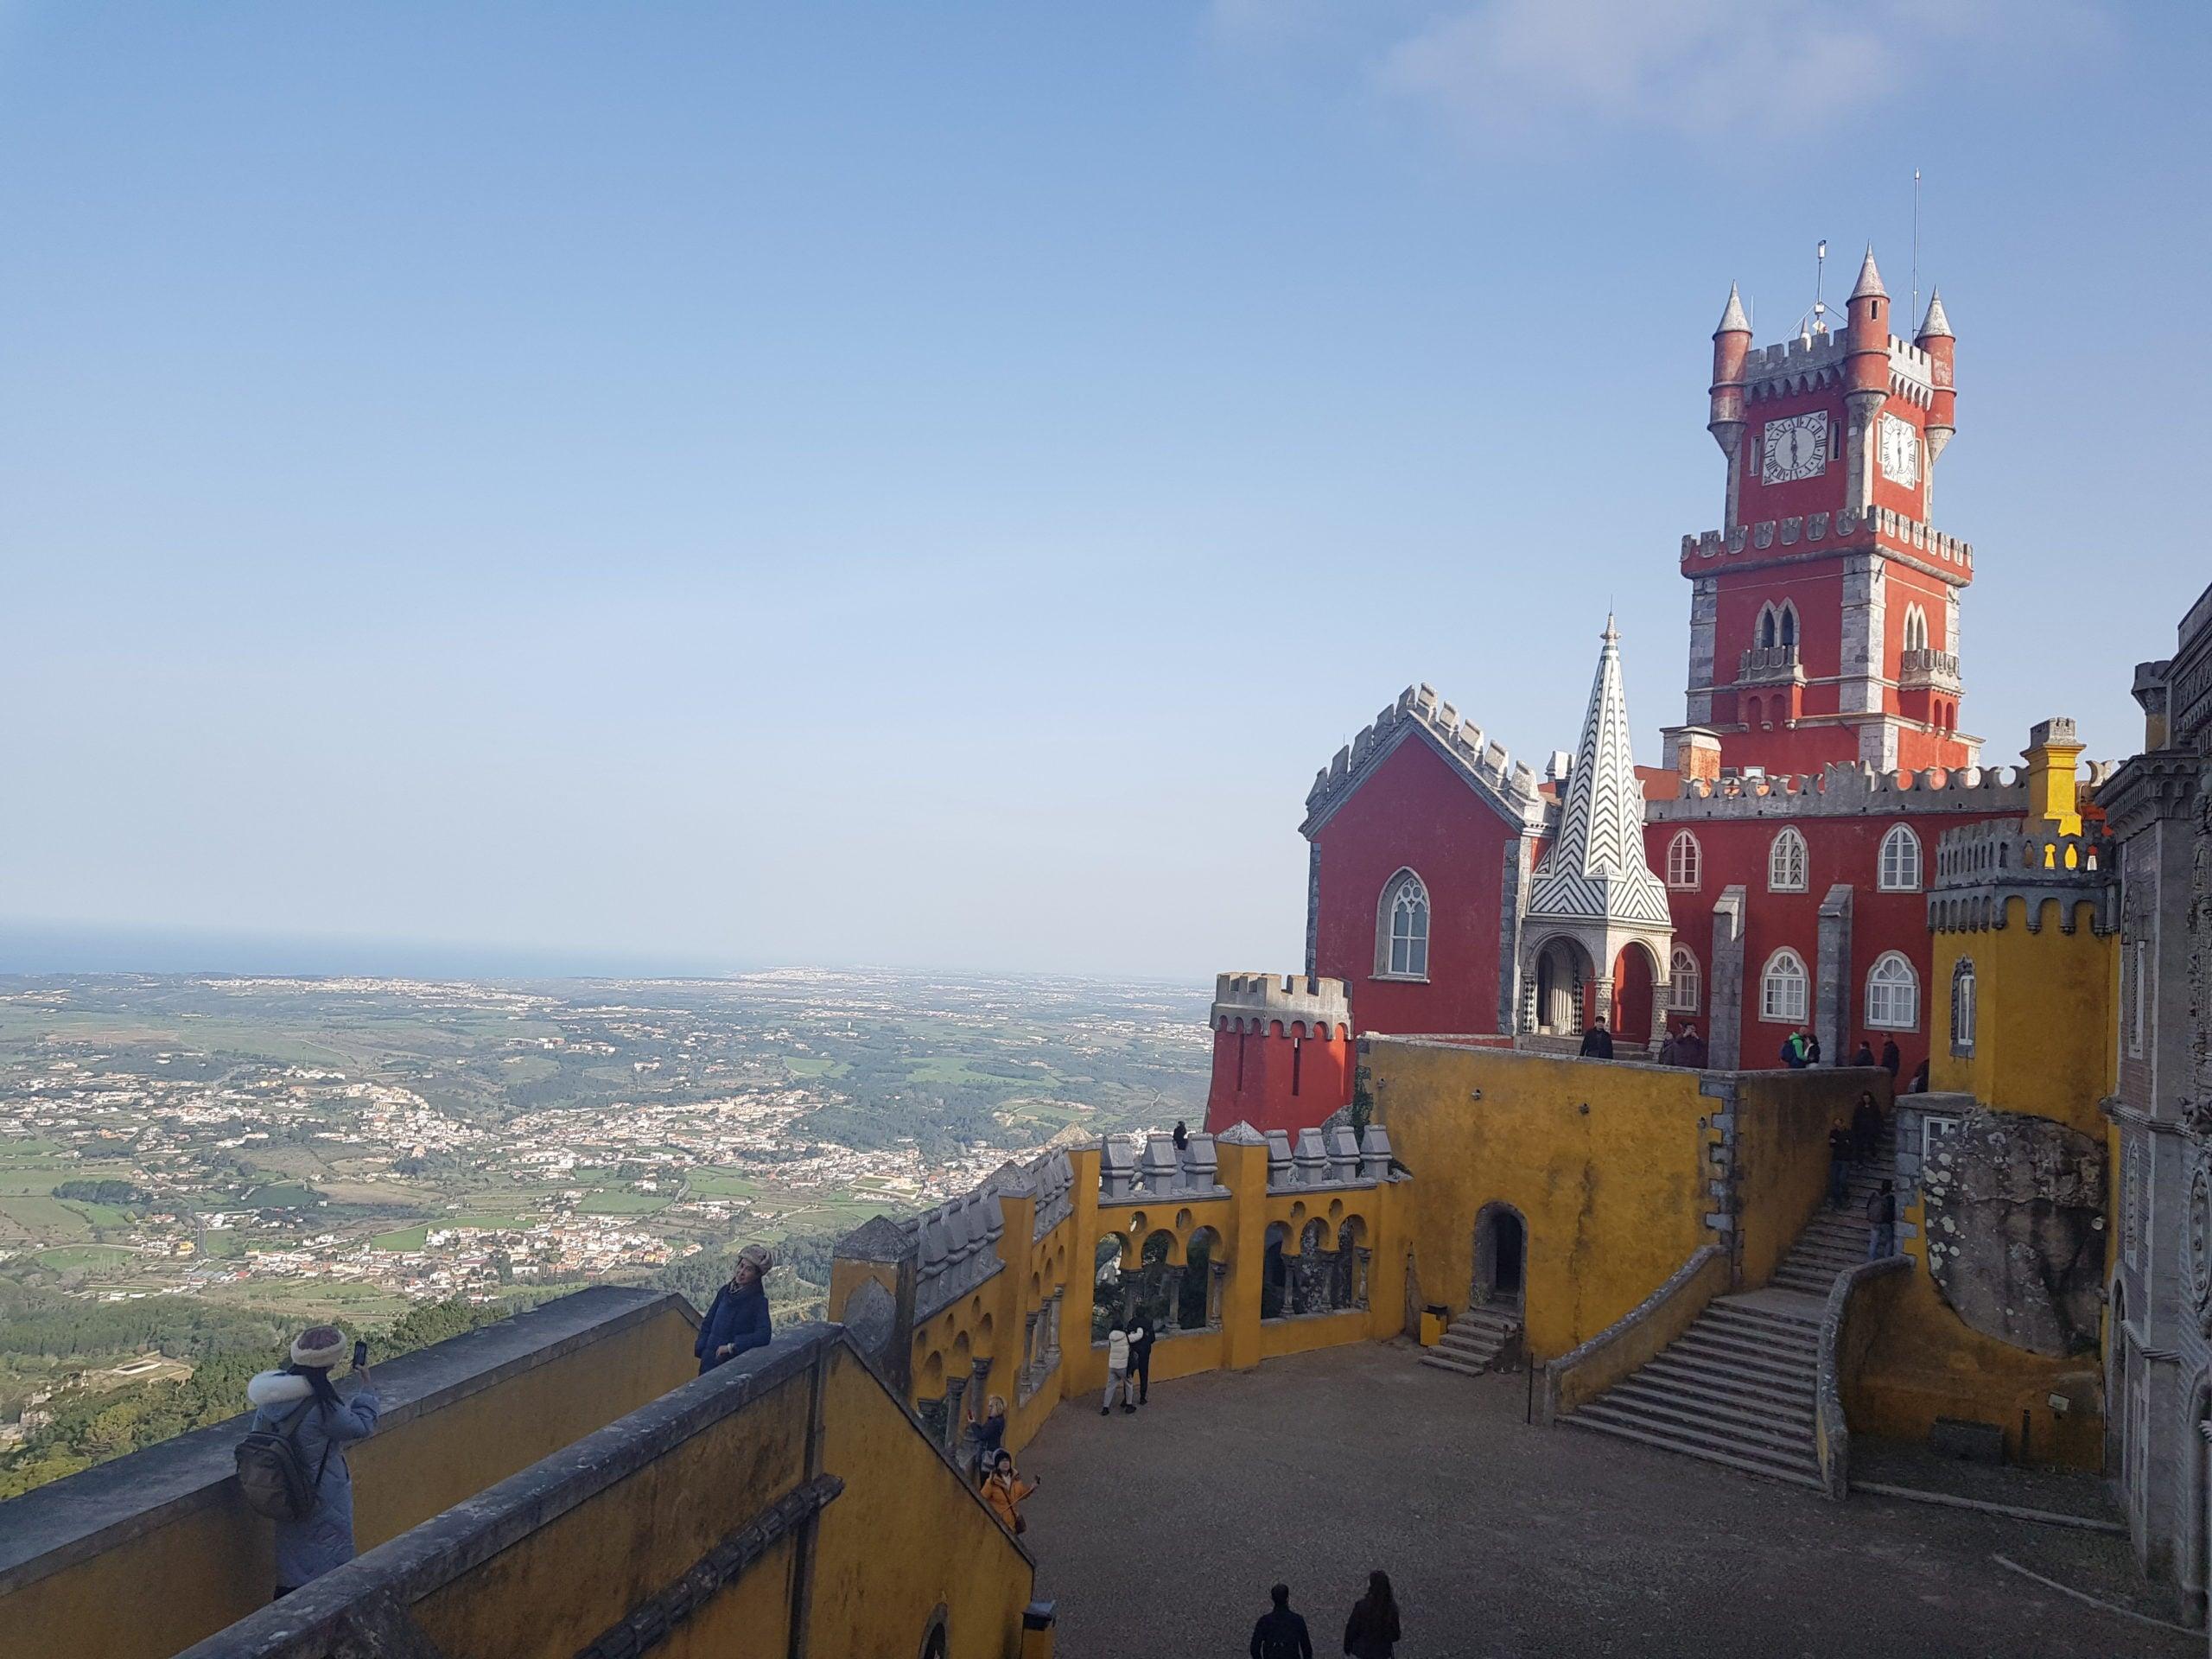 Palatul Pena este in topul obiectivelor vizitate in Sintra